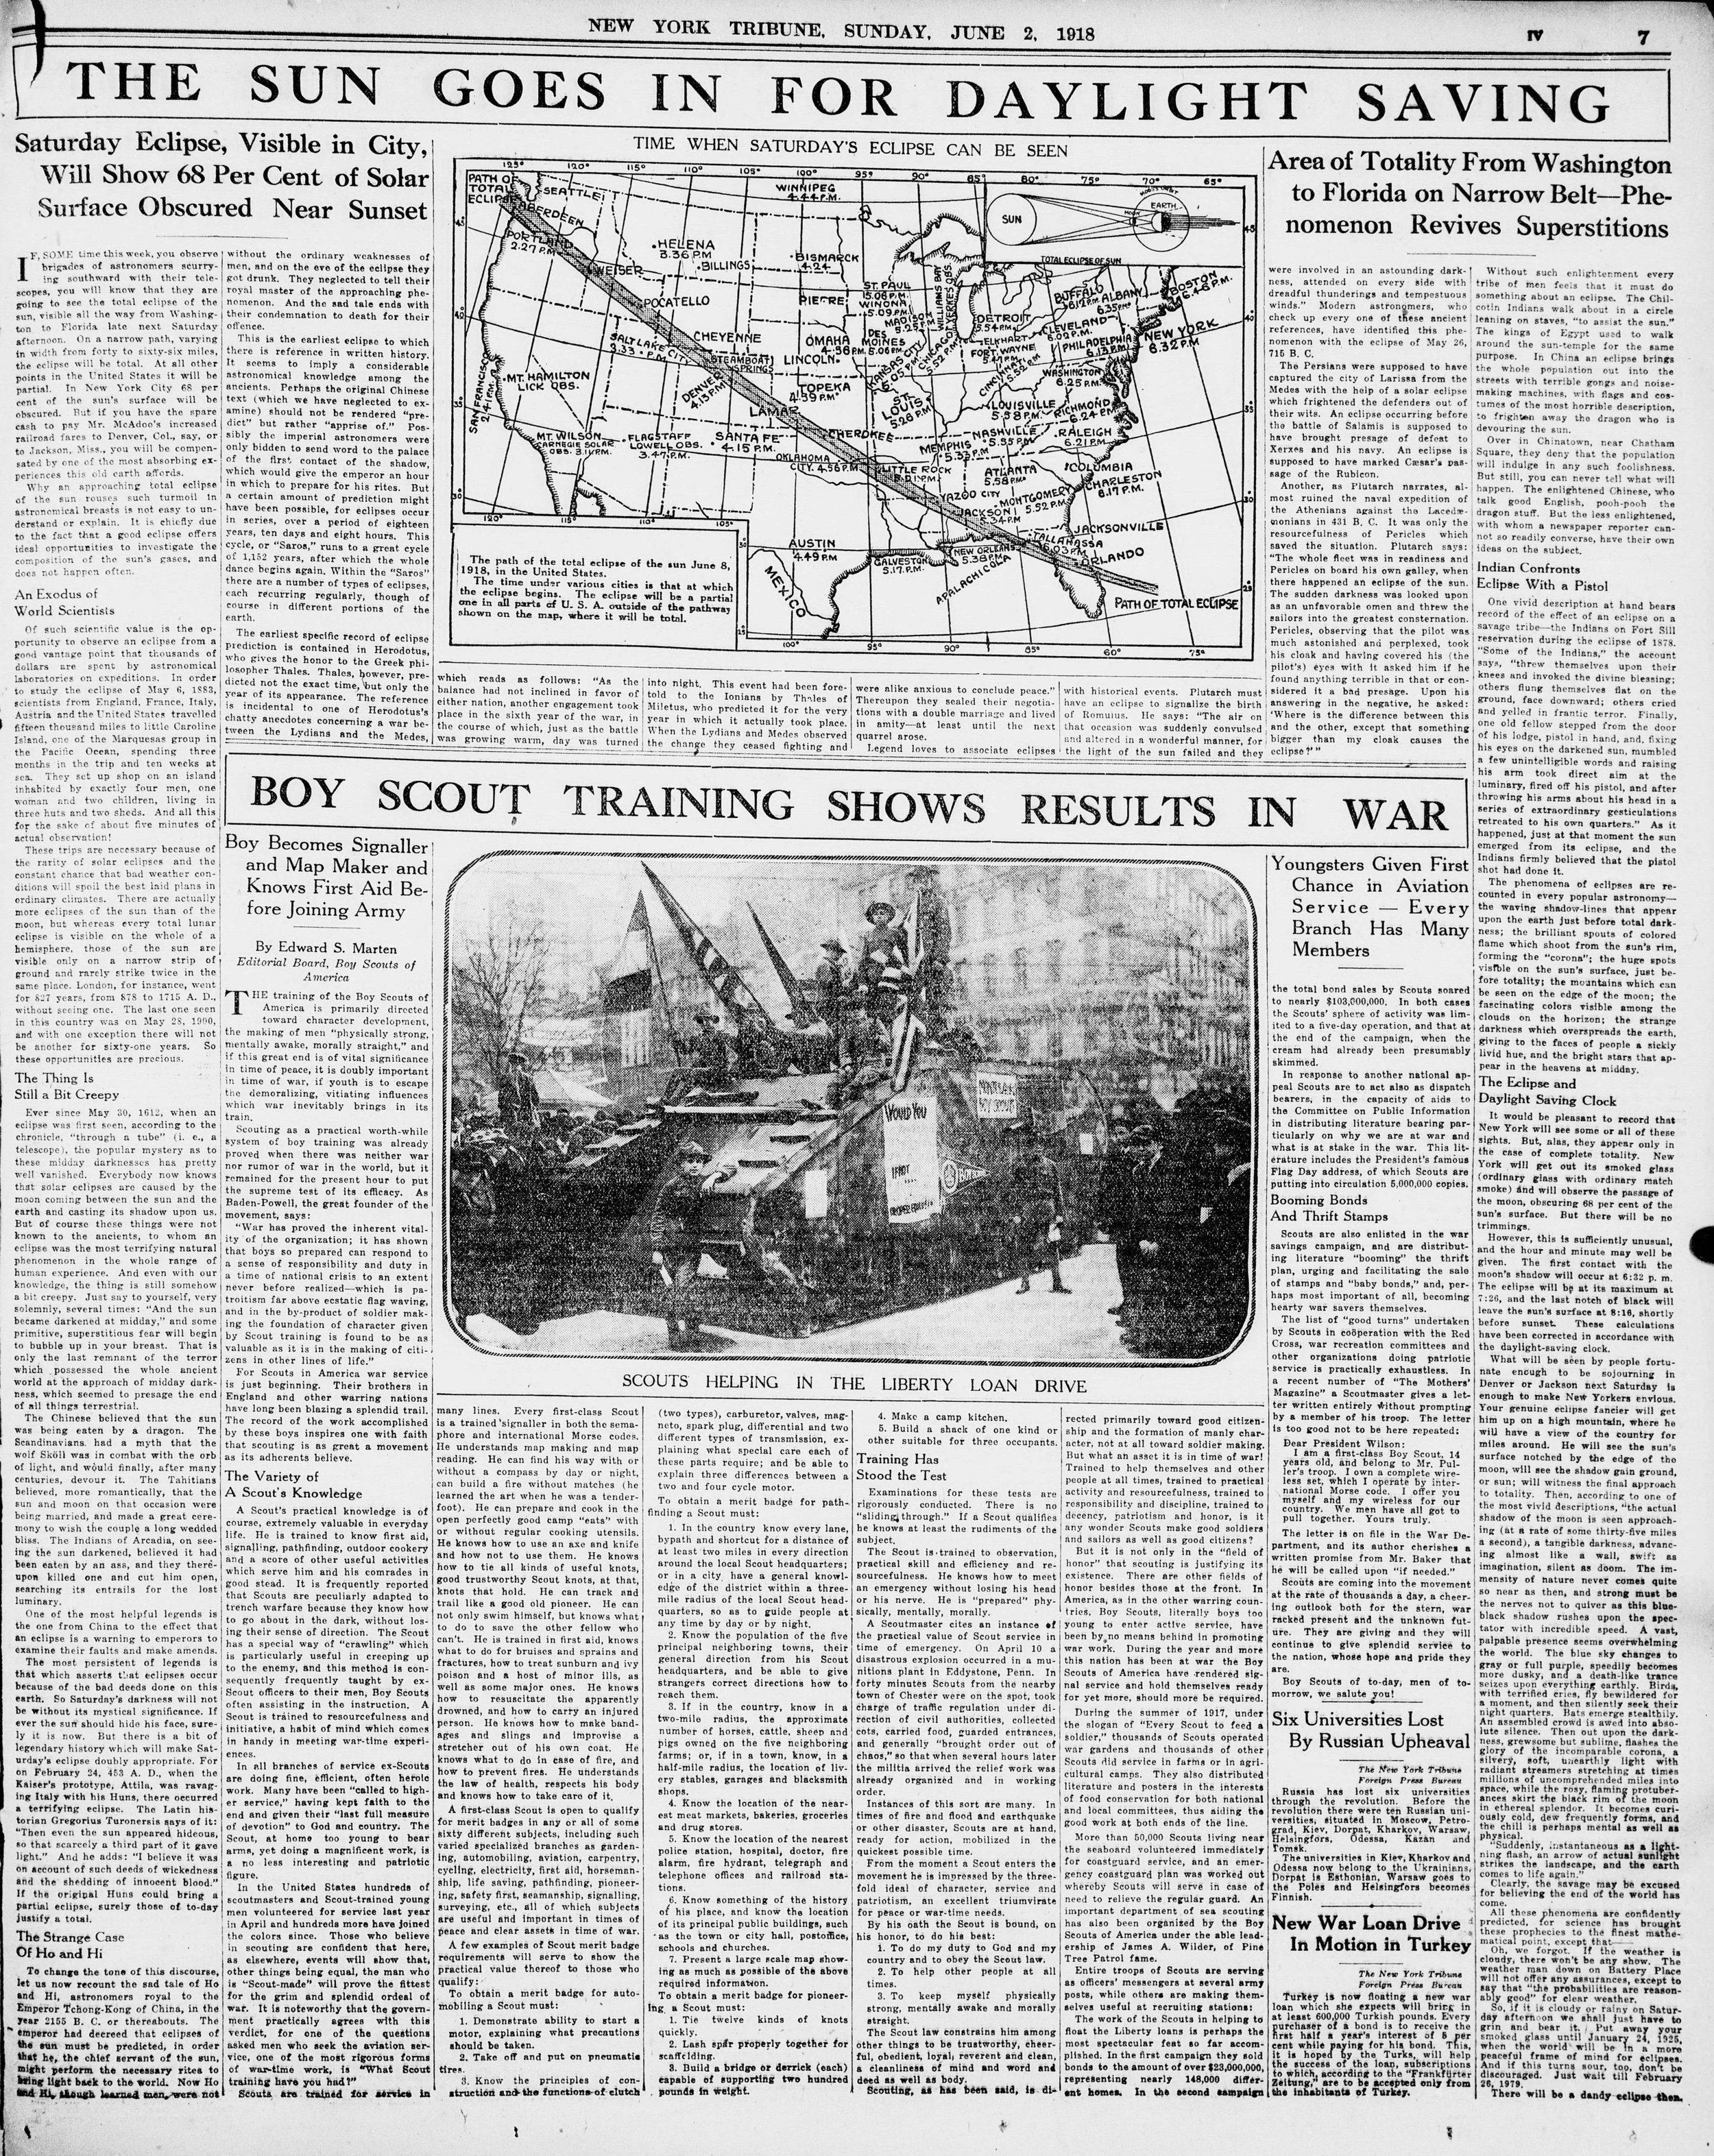 1918_Jun_2_TSE_New_York_Tribune.jpg